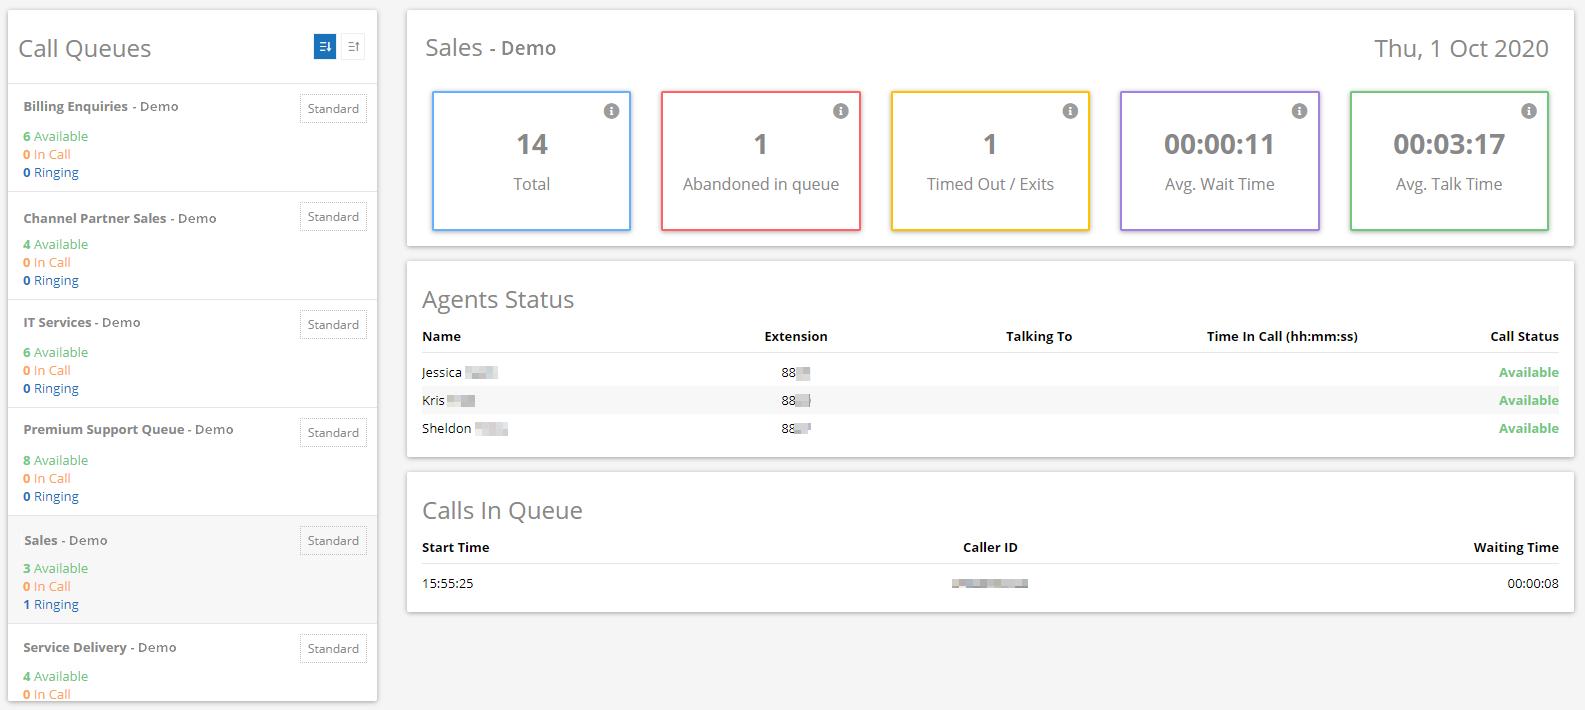 Telair uPBX Dashboard - Stats & Call Queues